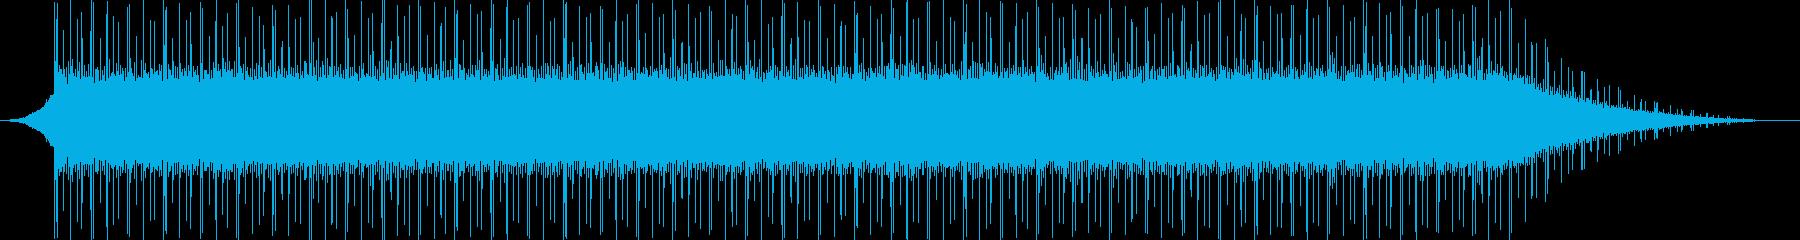 クールな戦闘BGMの再生済みの波形